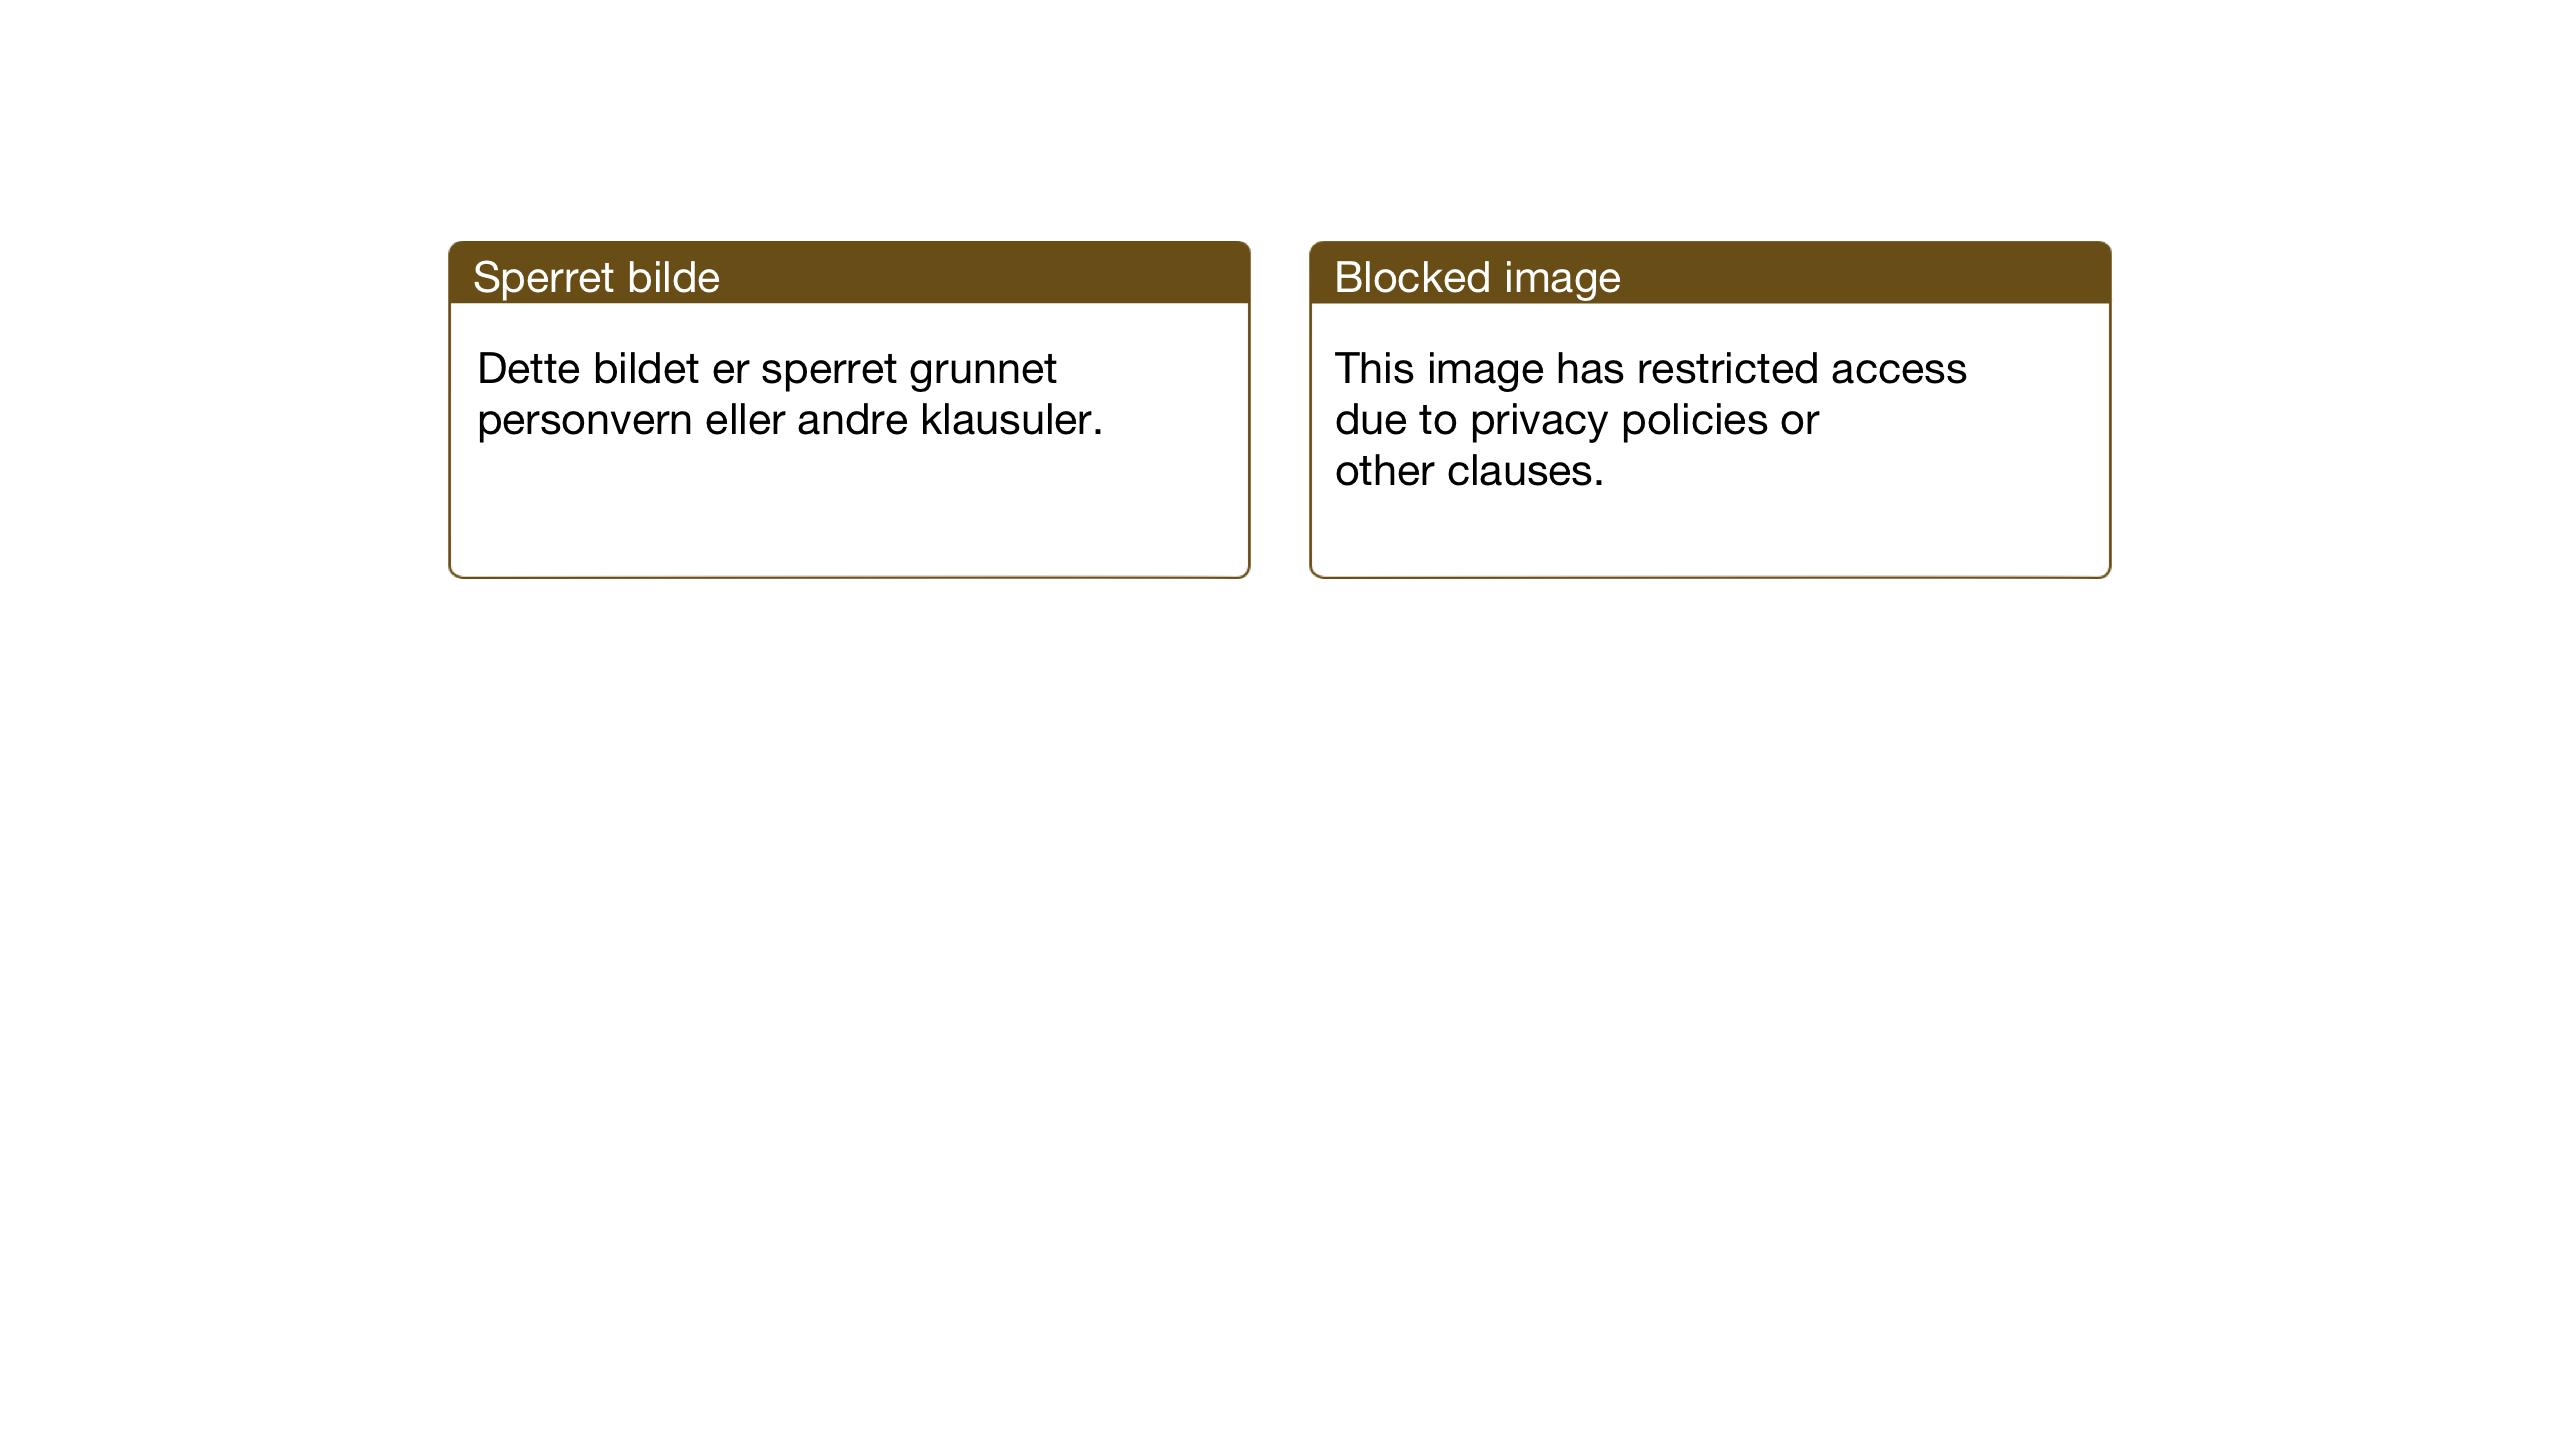 SAT, Ministerialprotokoller, klokkerbøker og fødselsregistre - Nord-Trøndelag, 774/L0631: Klokkerbok nr. 774C02, 1934-1950, s. 213